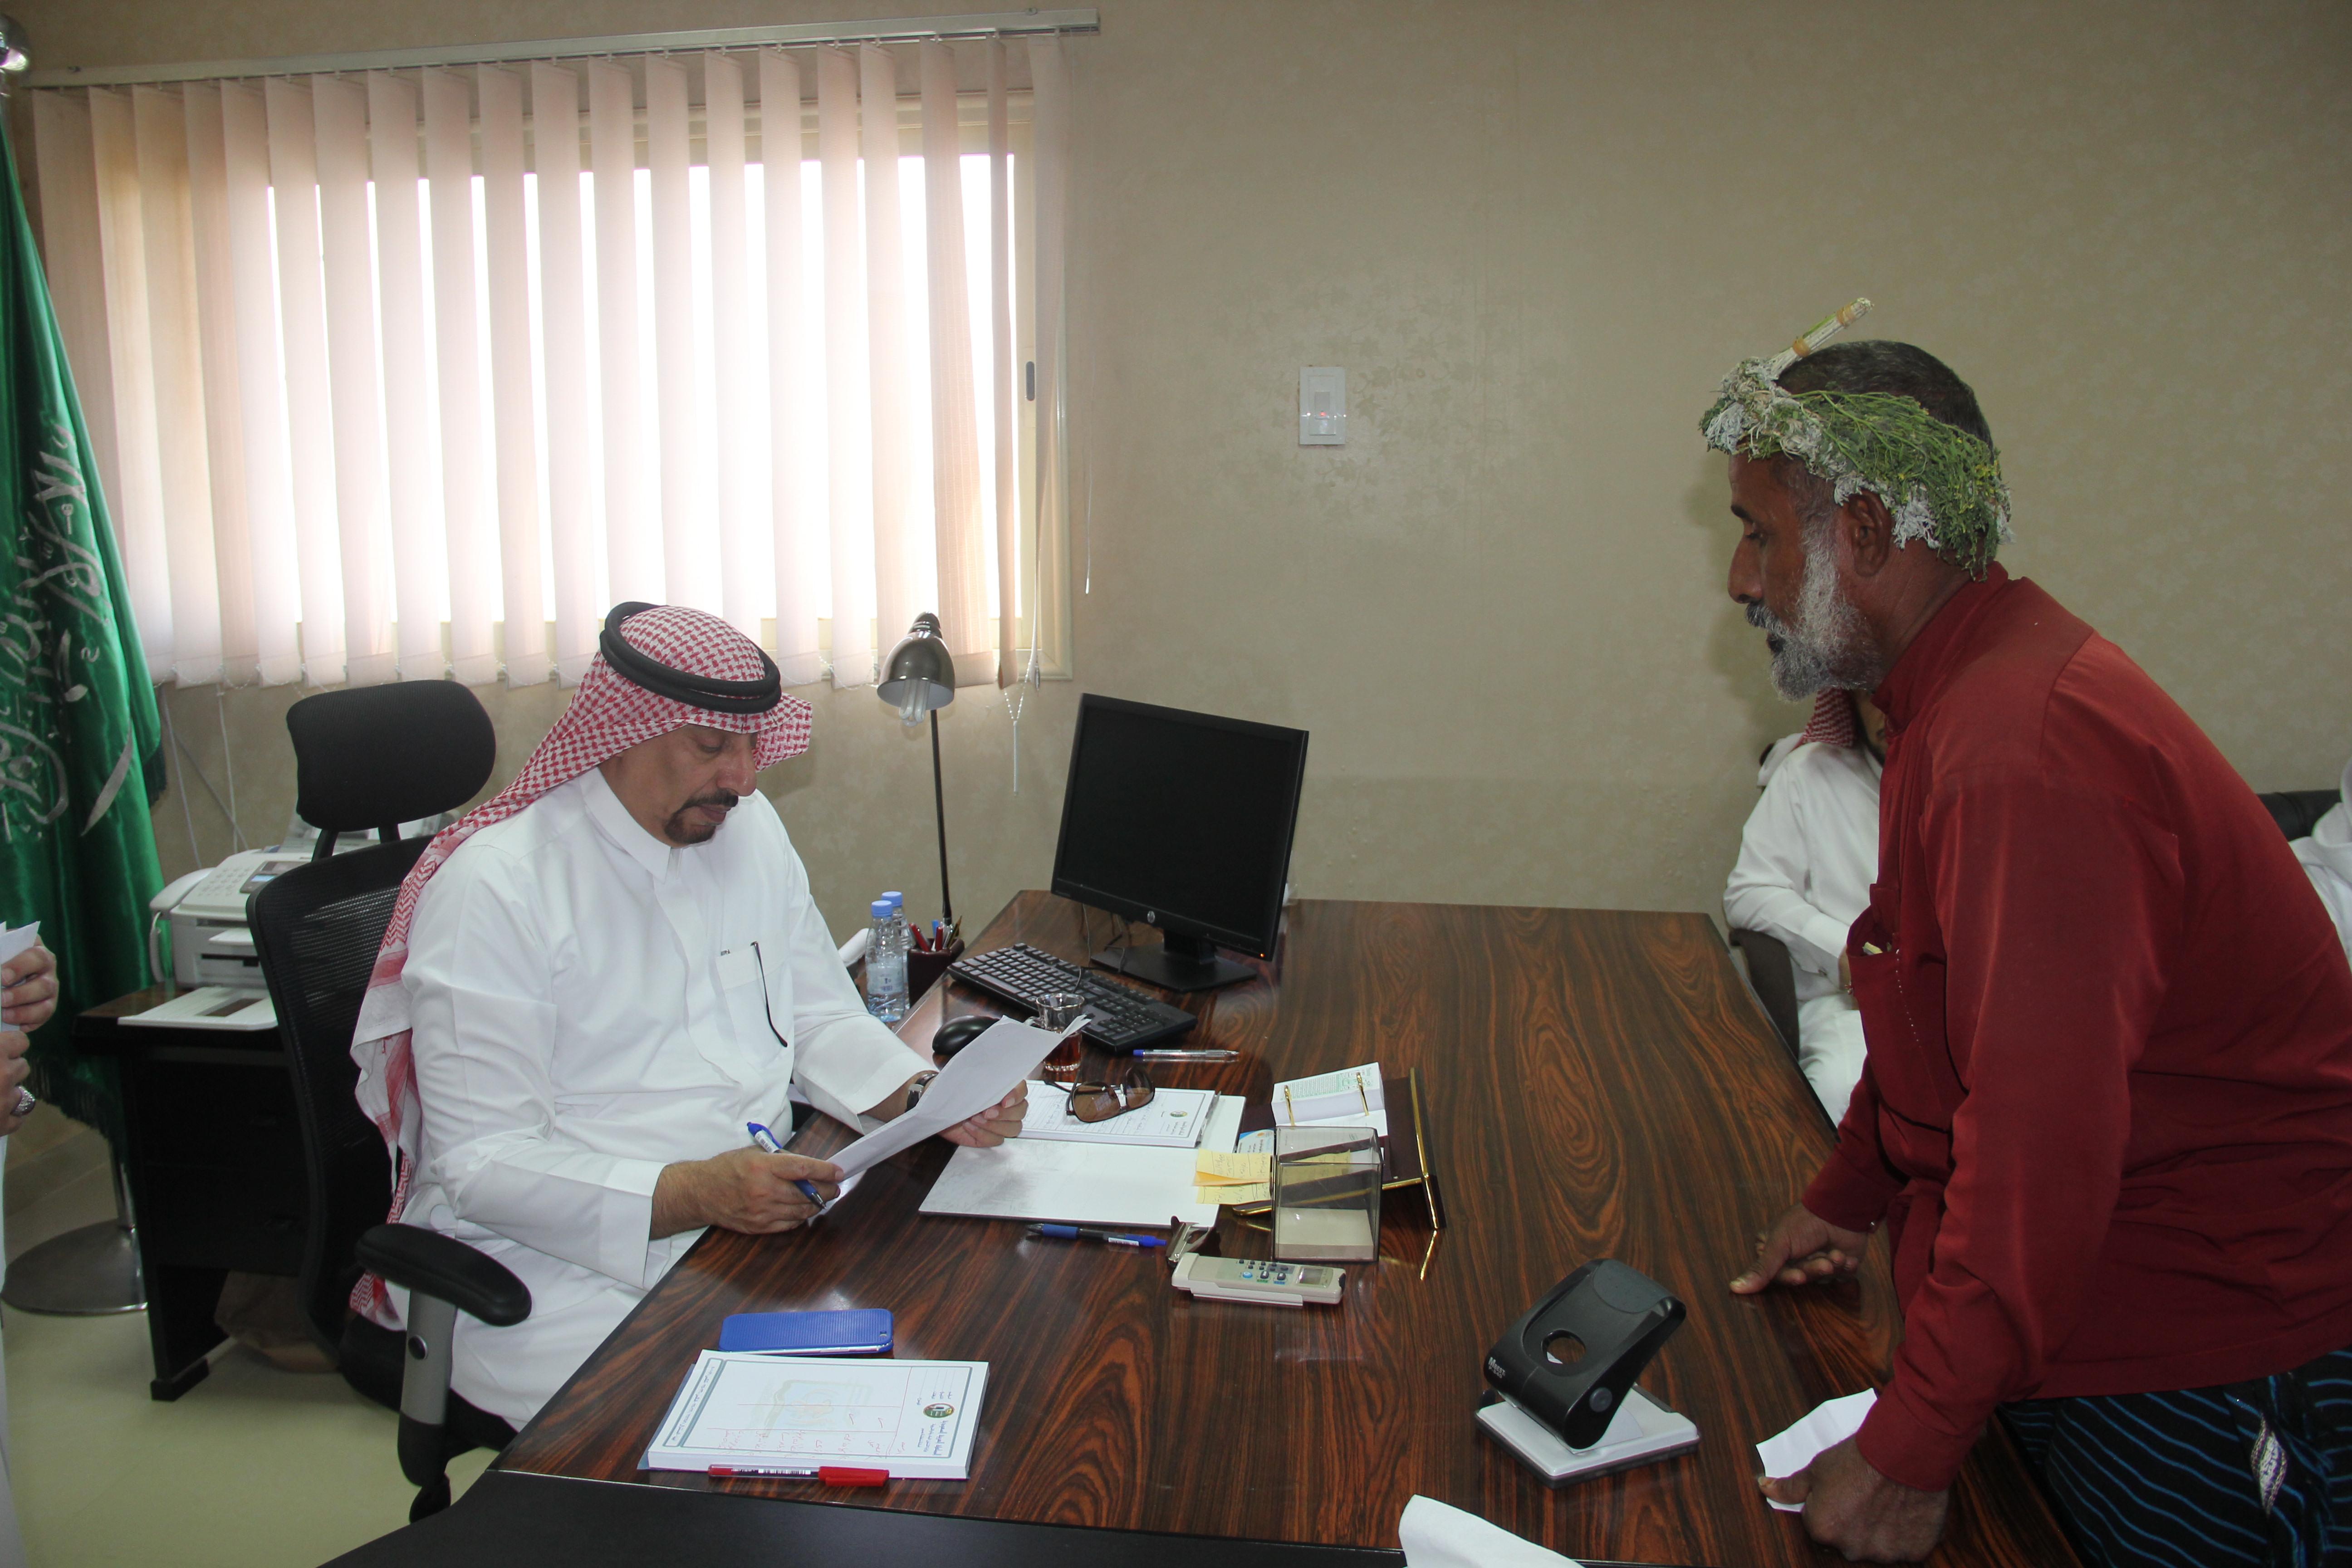 أمين عسير يتفقد الأعمال البلدية بمركز مربة (1)